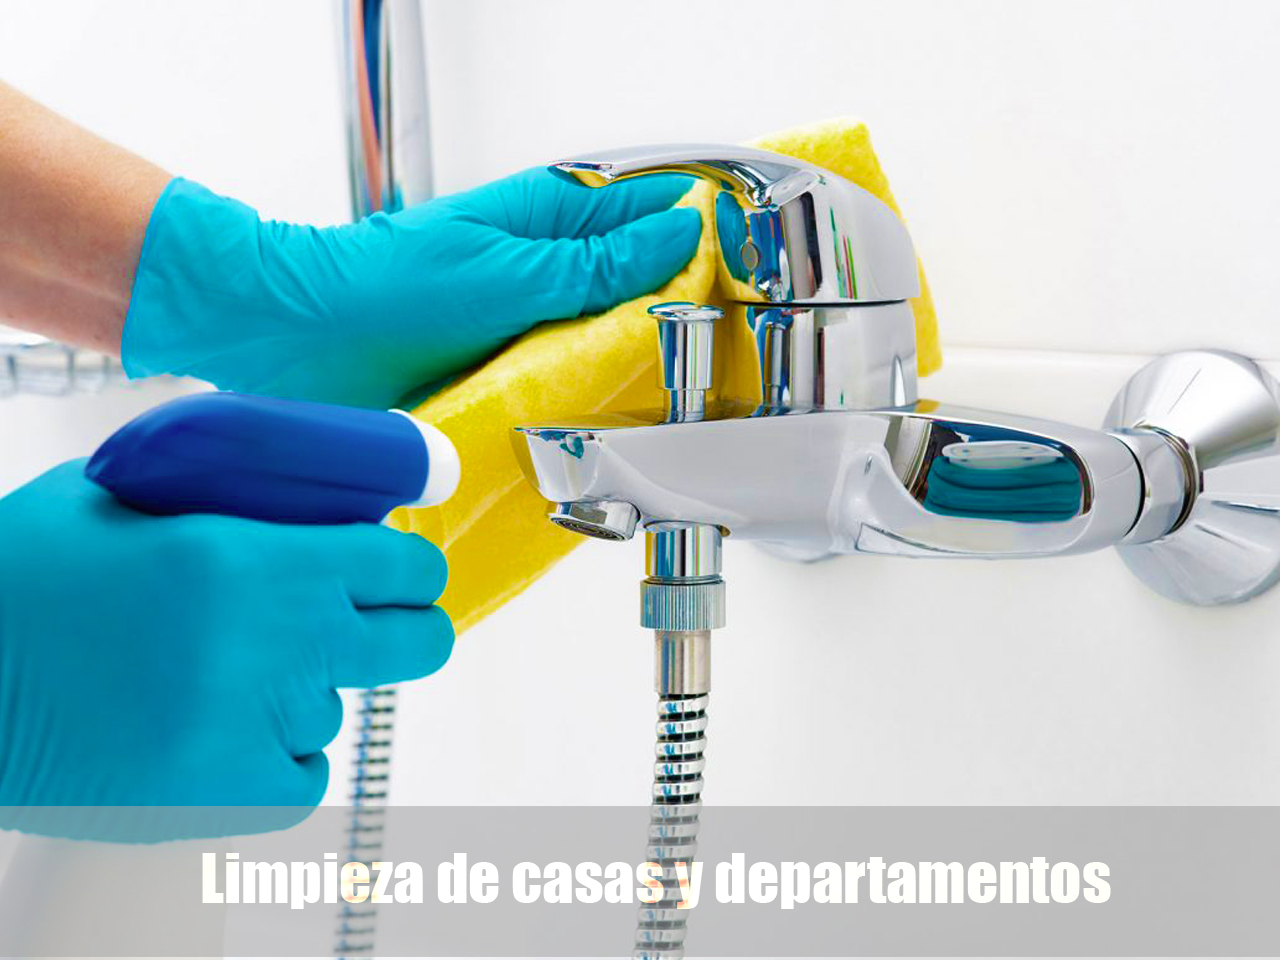 Limpieza de casas y departamentos lima peru - Limpieza en casa ...